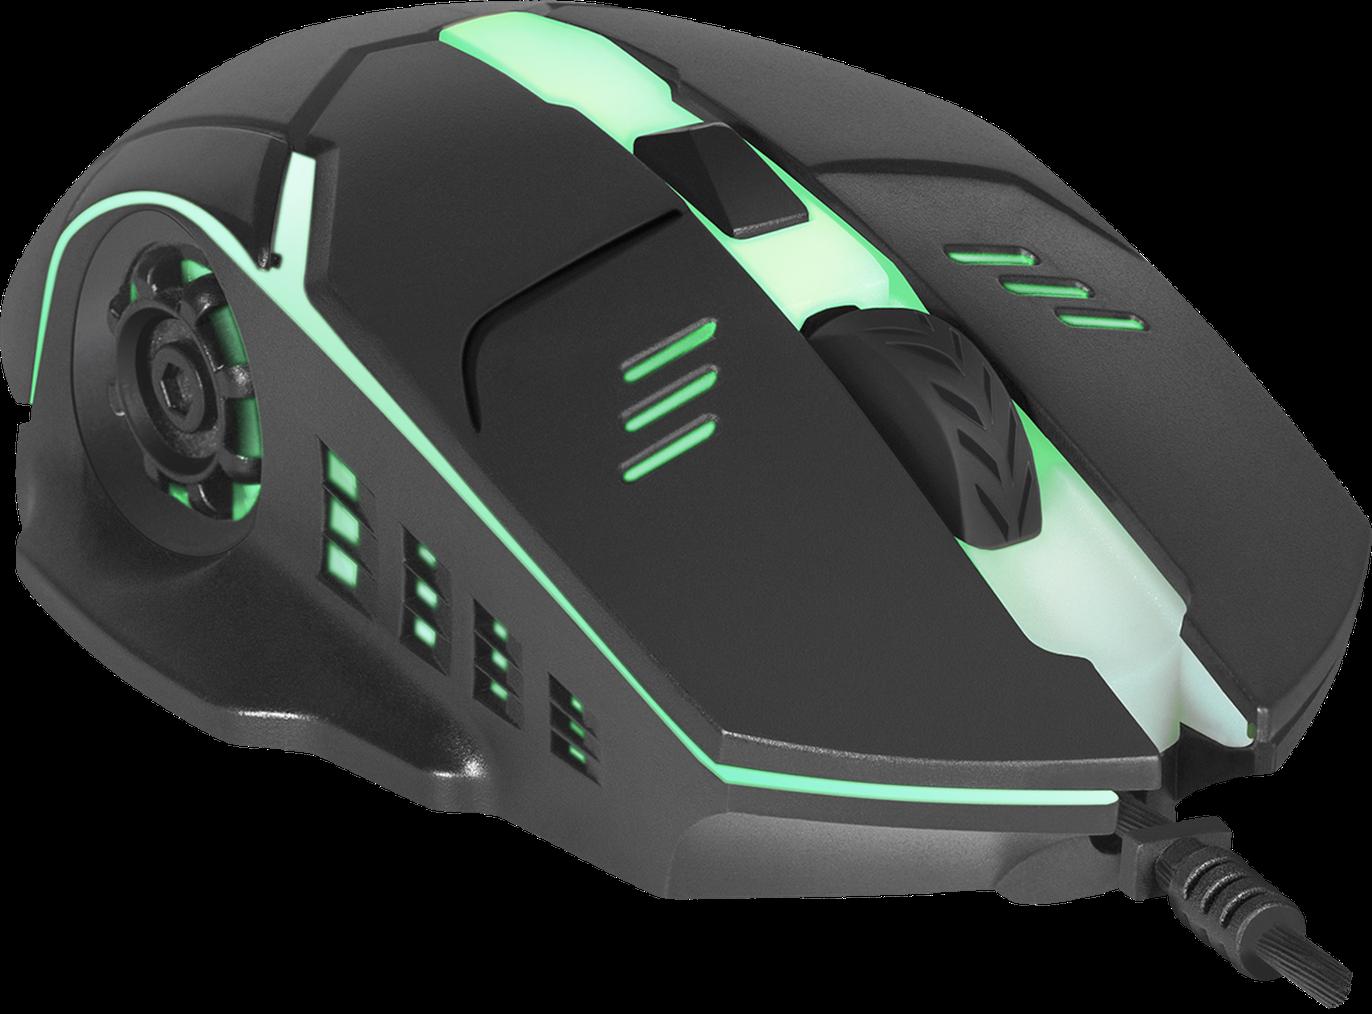 Мышь Defender Ultra Matt MB-470 Black USB Оптическая, 1000 dpi, 4 кнопки, включая колесо прокрутки мышь оптическая defender flash mb 600l оптическая три кнопки колесо конпка 1200 dpi